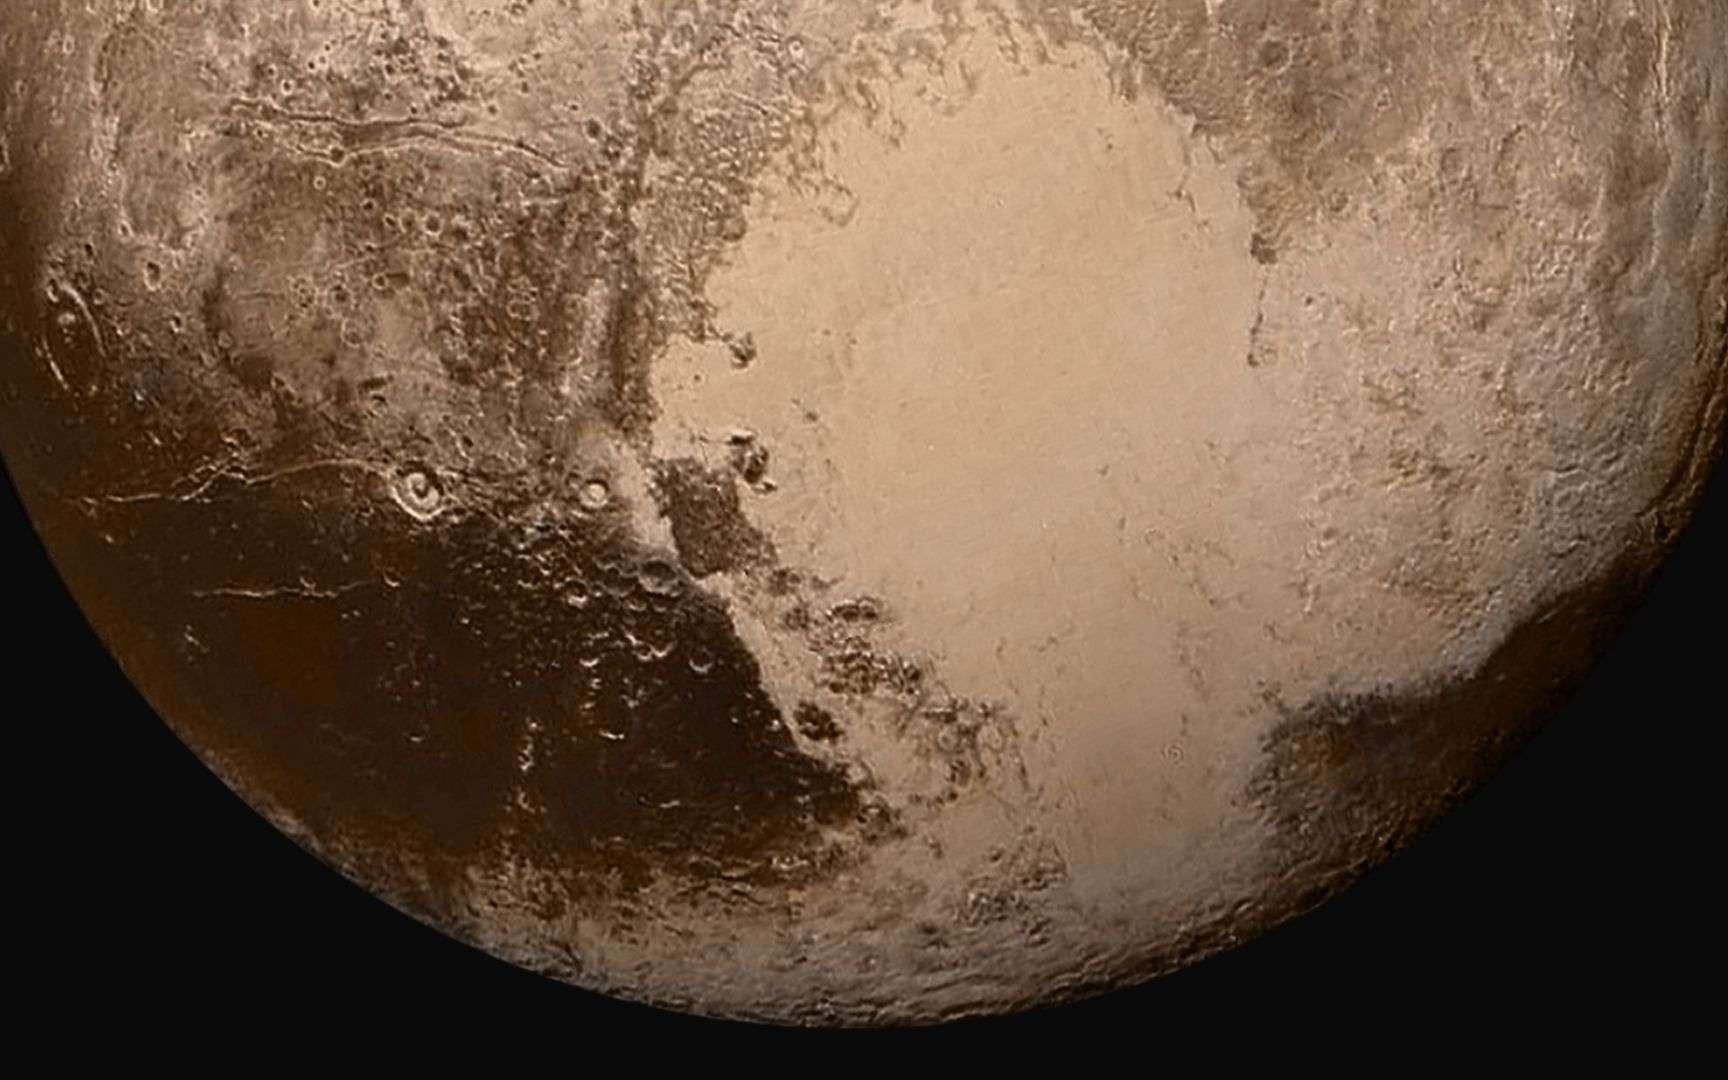 La planète naine Pluton vue par la sonde New Horizons, à 450.000 km de distance, au matin du 14 juillet 2015. De l'azote liquide semble avoir coulé à sa surface. © Nasa, John Hopkins University Applied Physics Laboratory, Southwest Research Institute